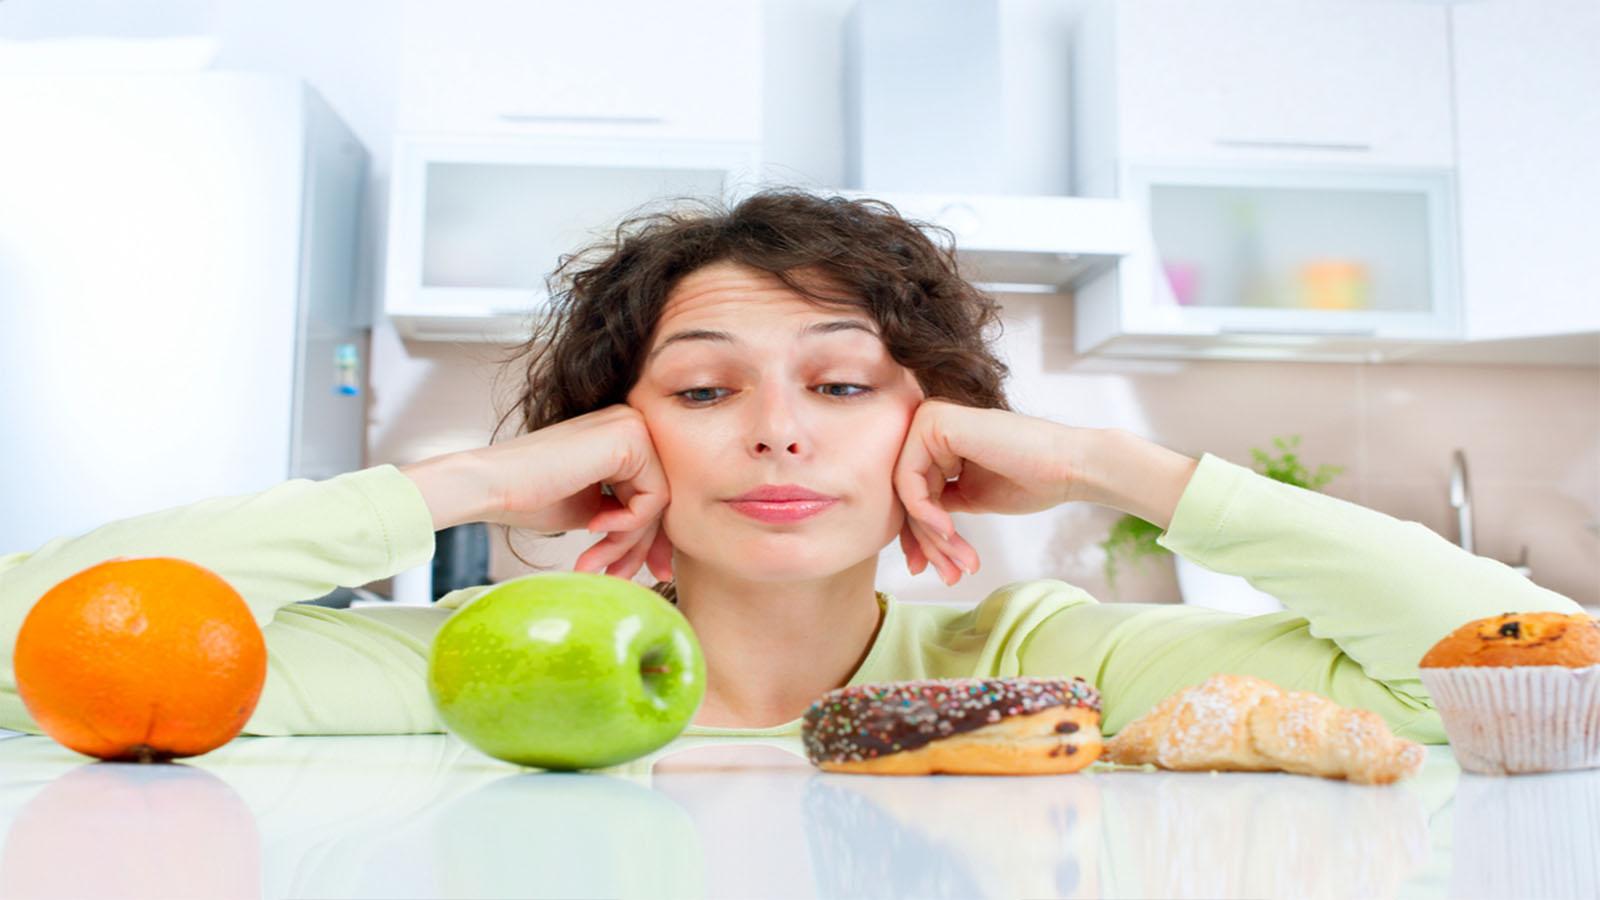 ダイエット中でも間食はアリ!低GI食品でストレスフリーにダイエットを成功させよう